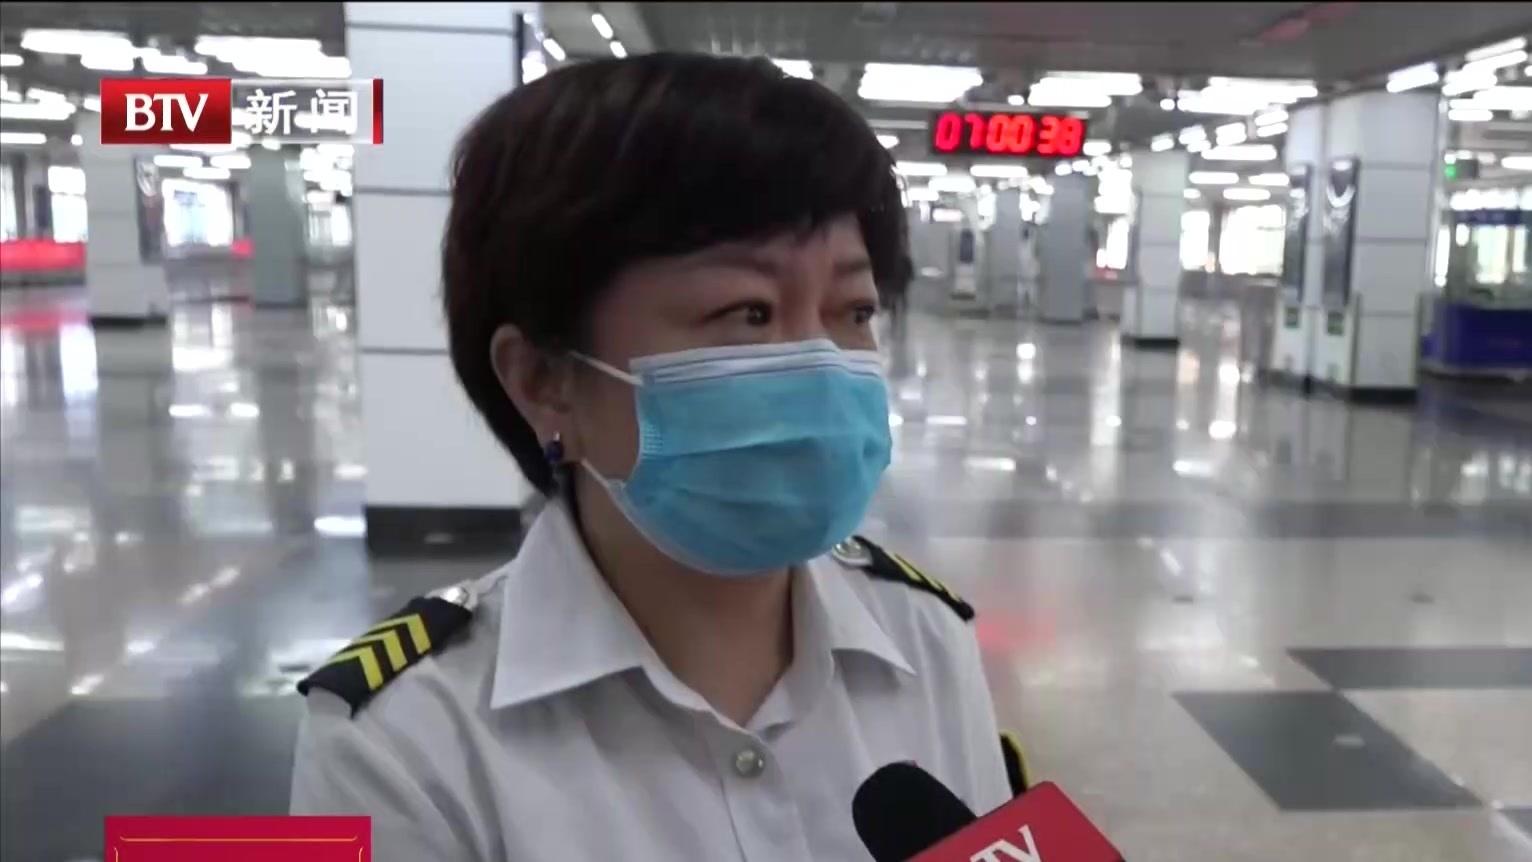 方便出行  提升站容站貌——北京地铁公司拆除硬质导流围栏12280米